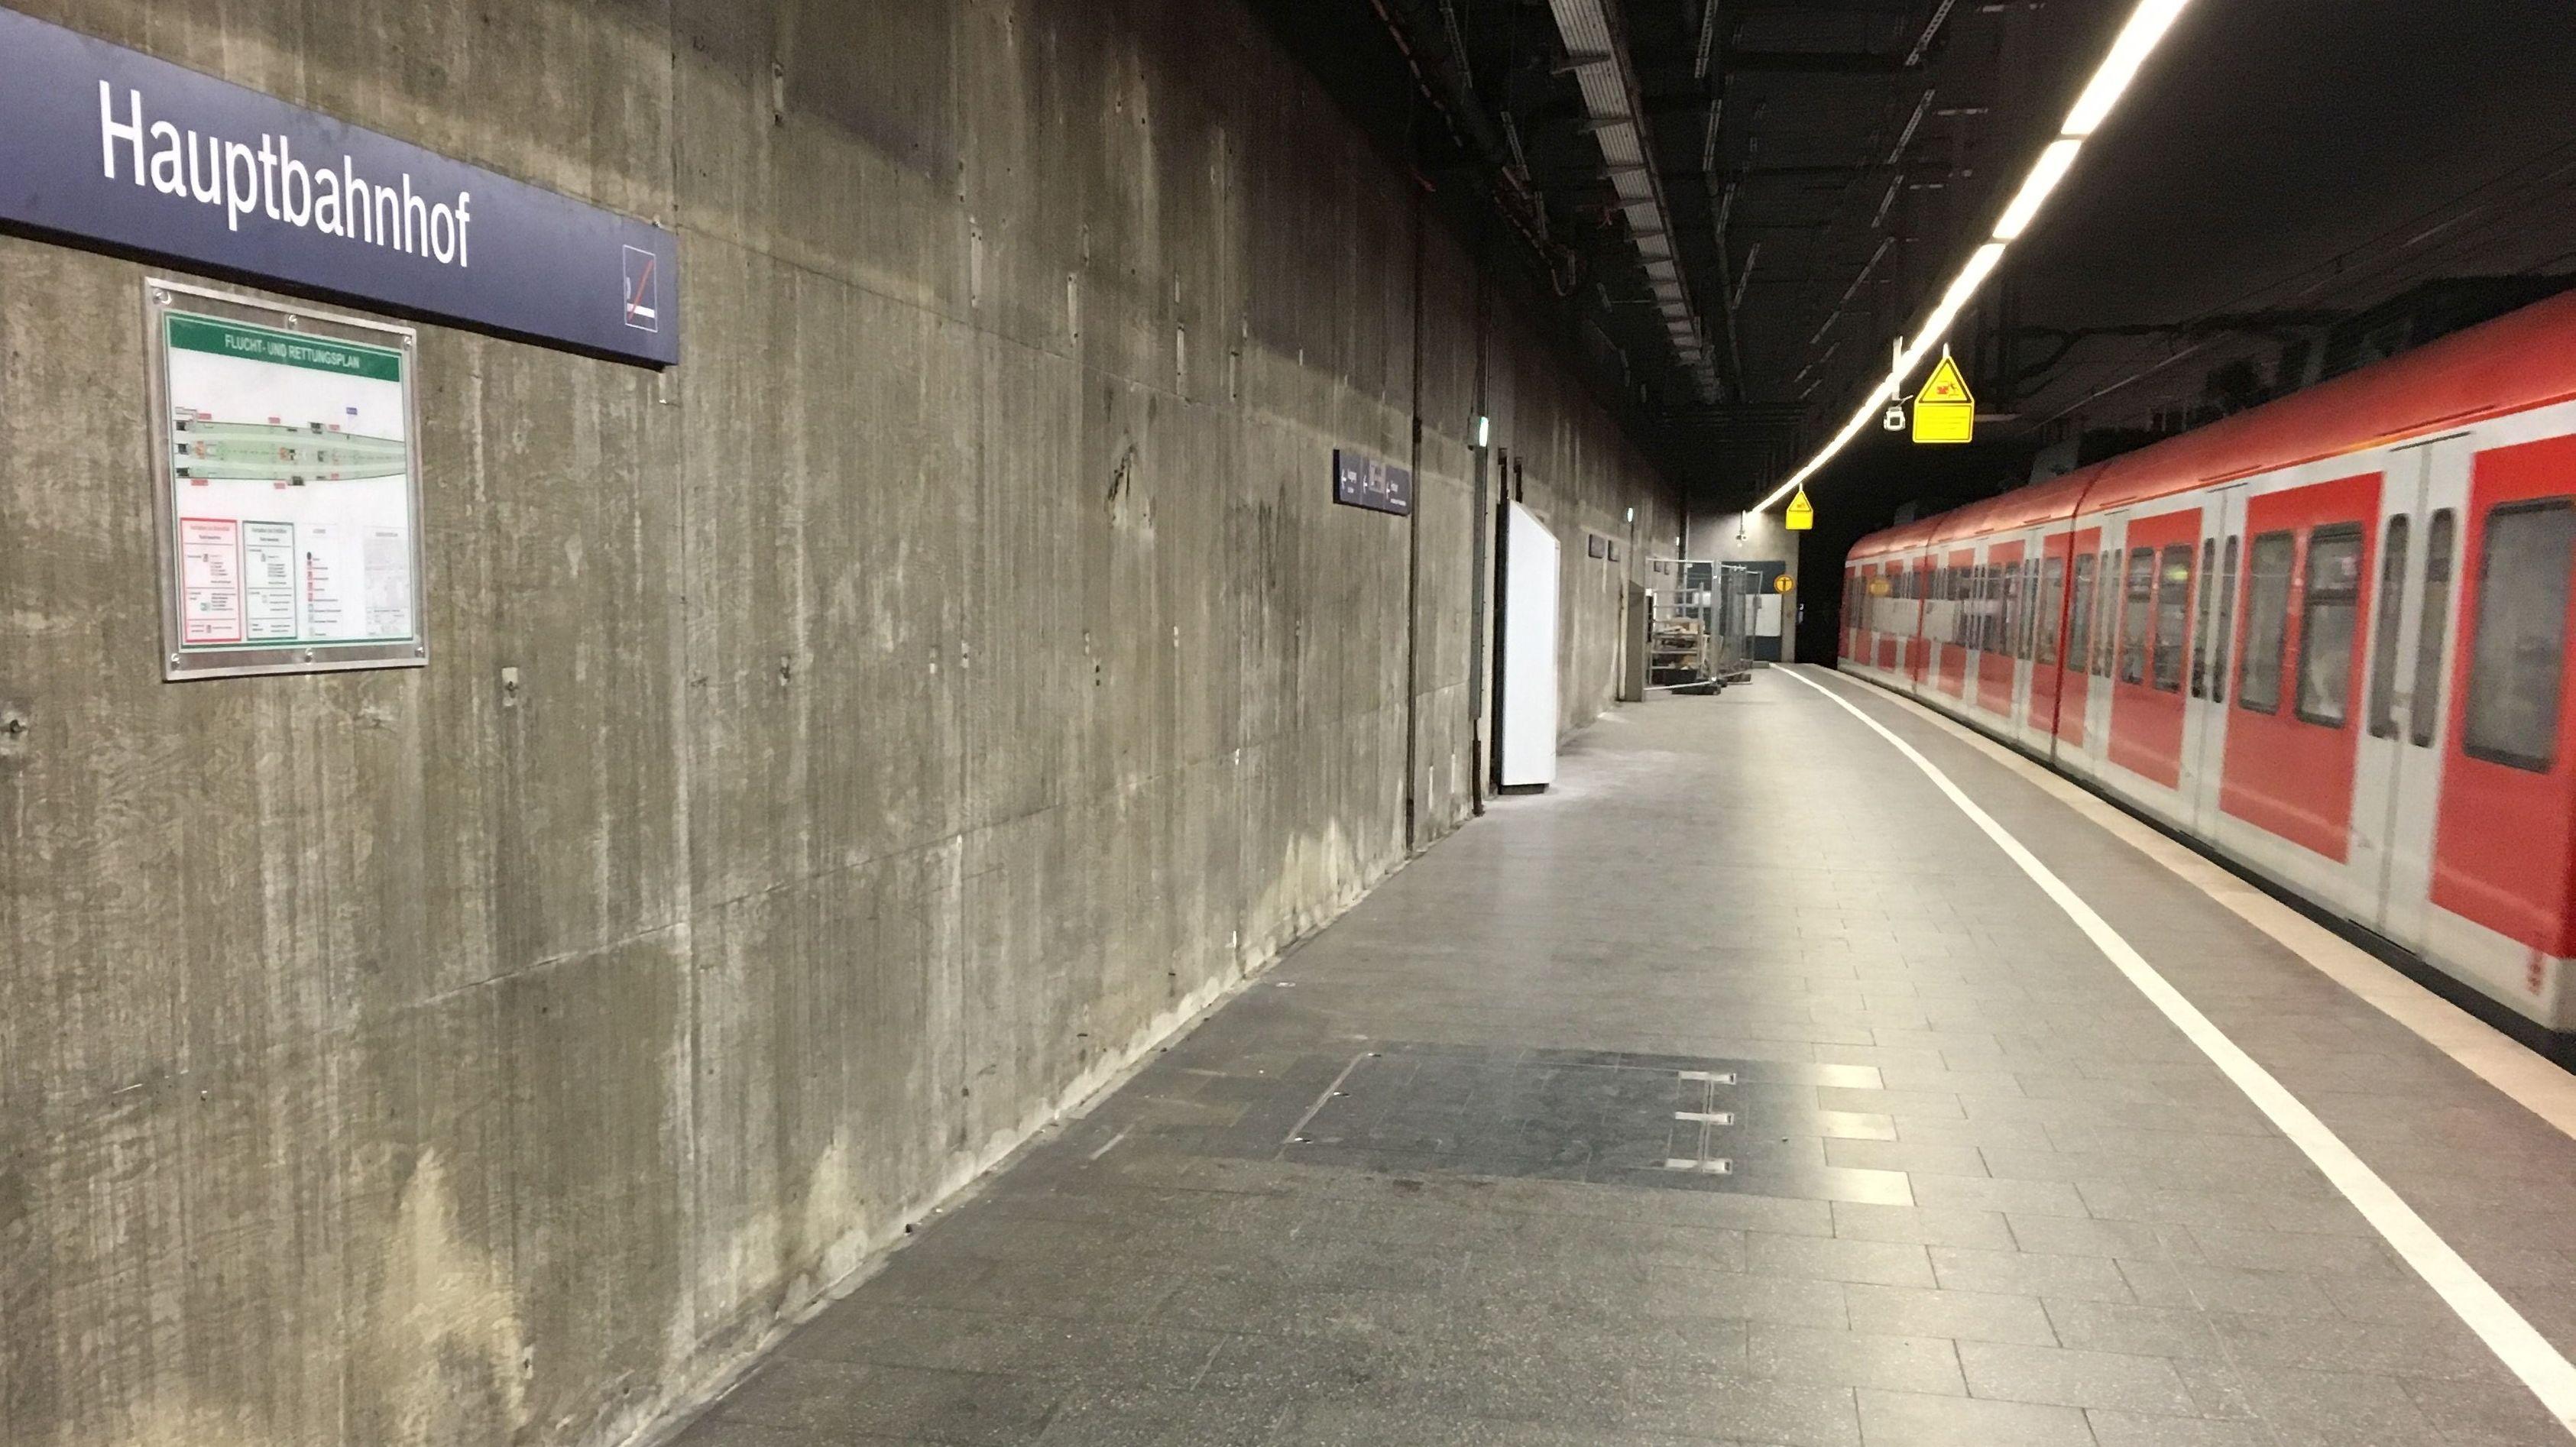 Die Renovierung der S-Bahn-Stammstrecke in München schreitet voran - der neue Putz fehlt noch